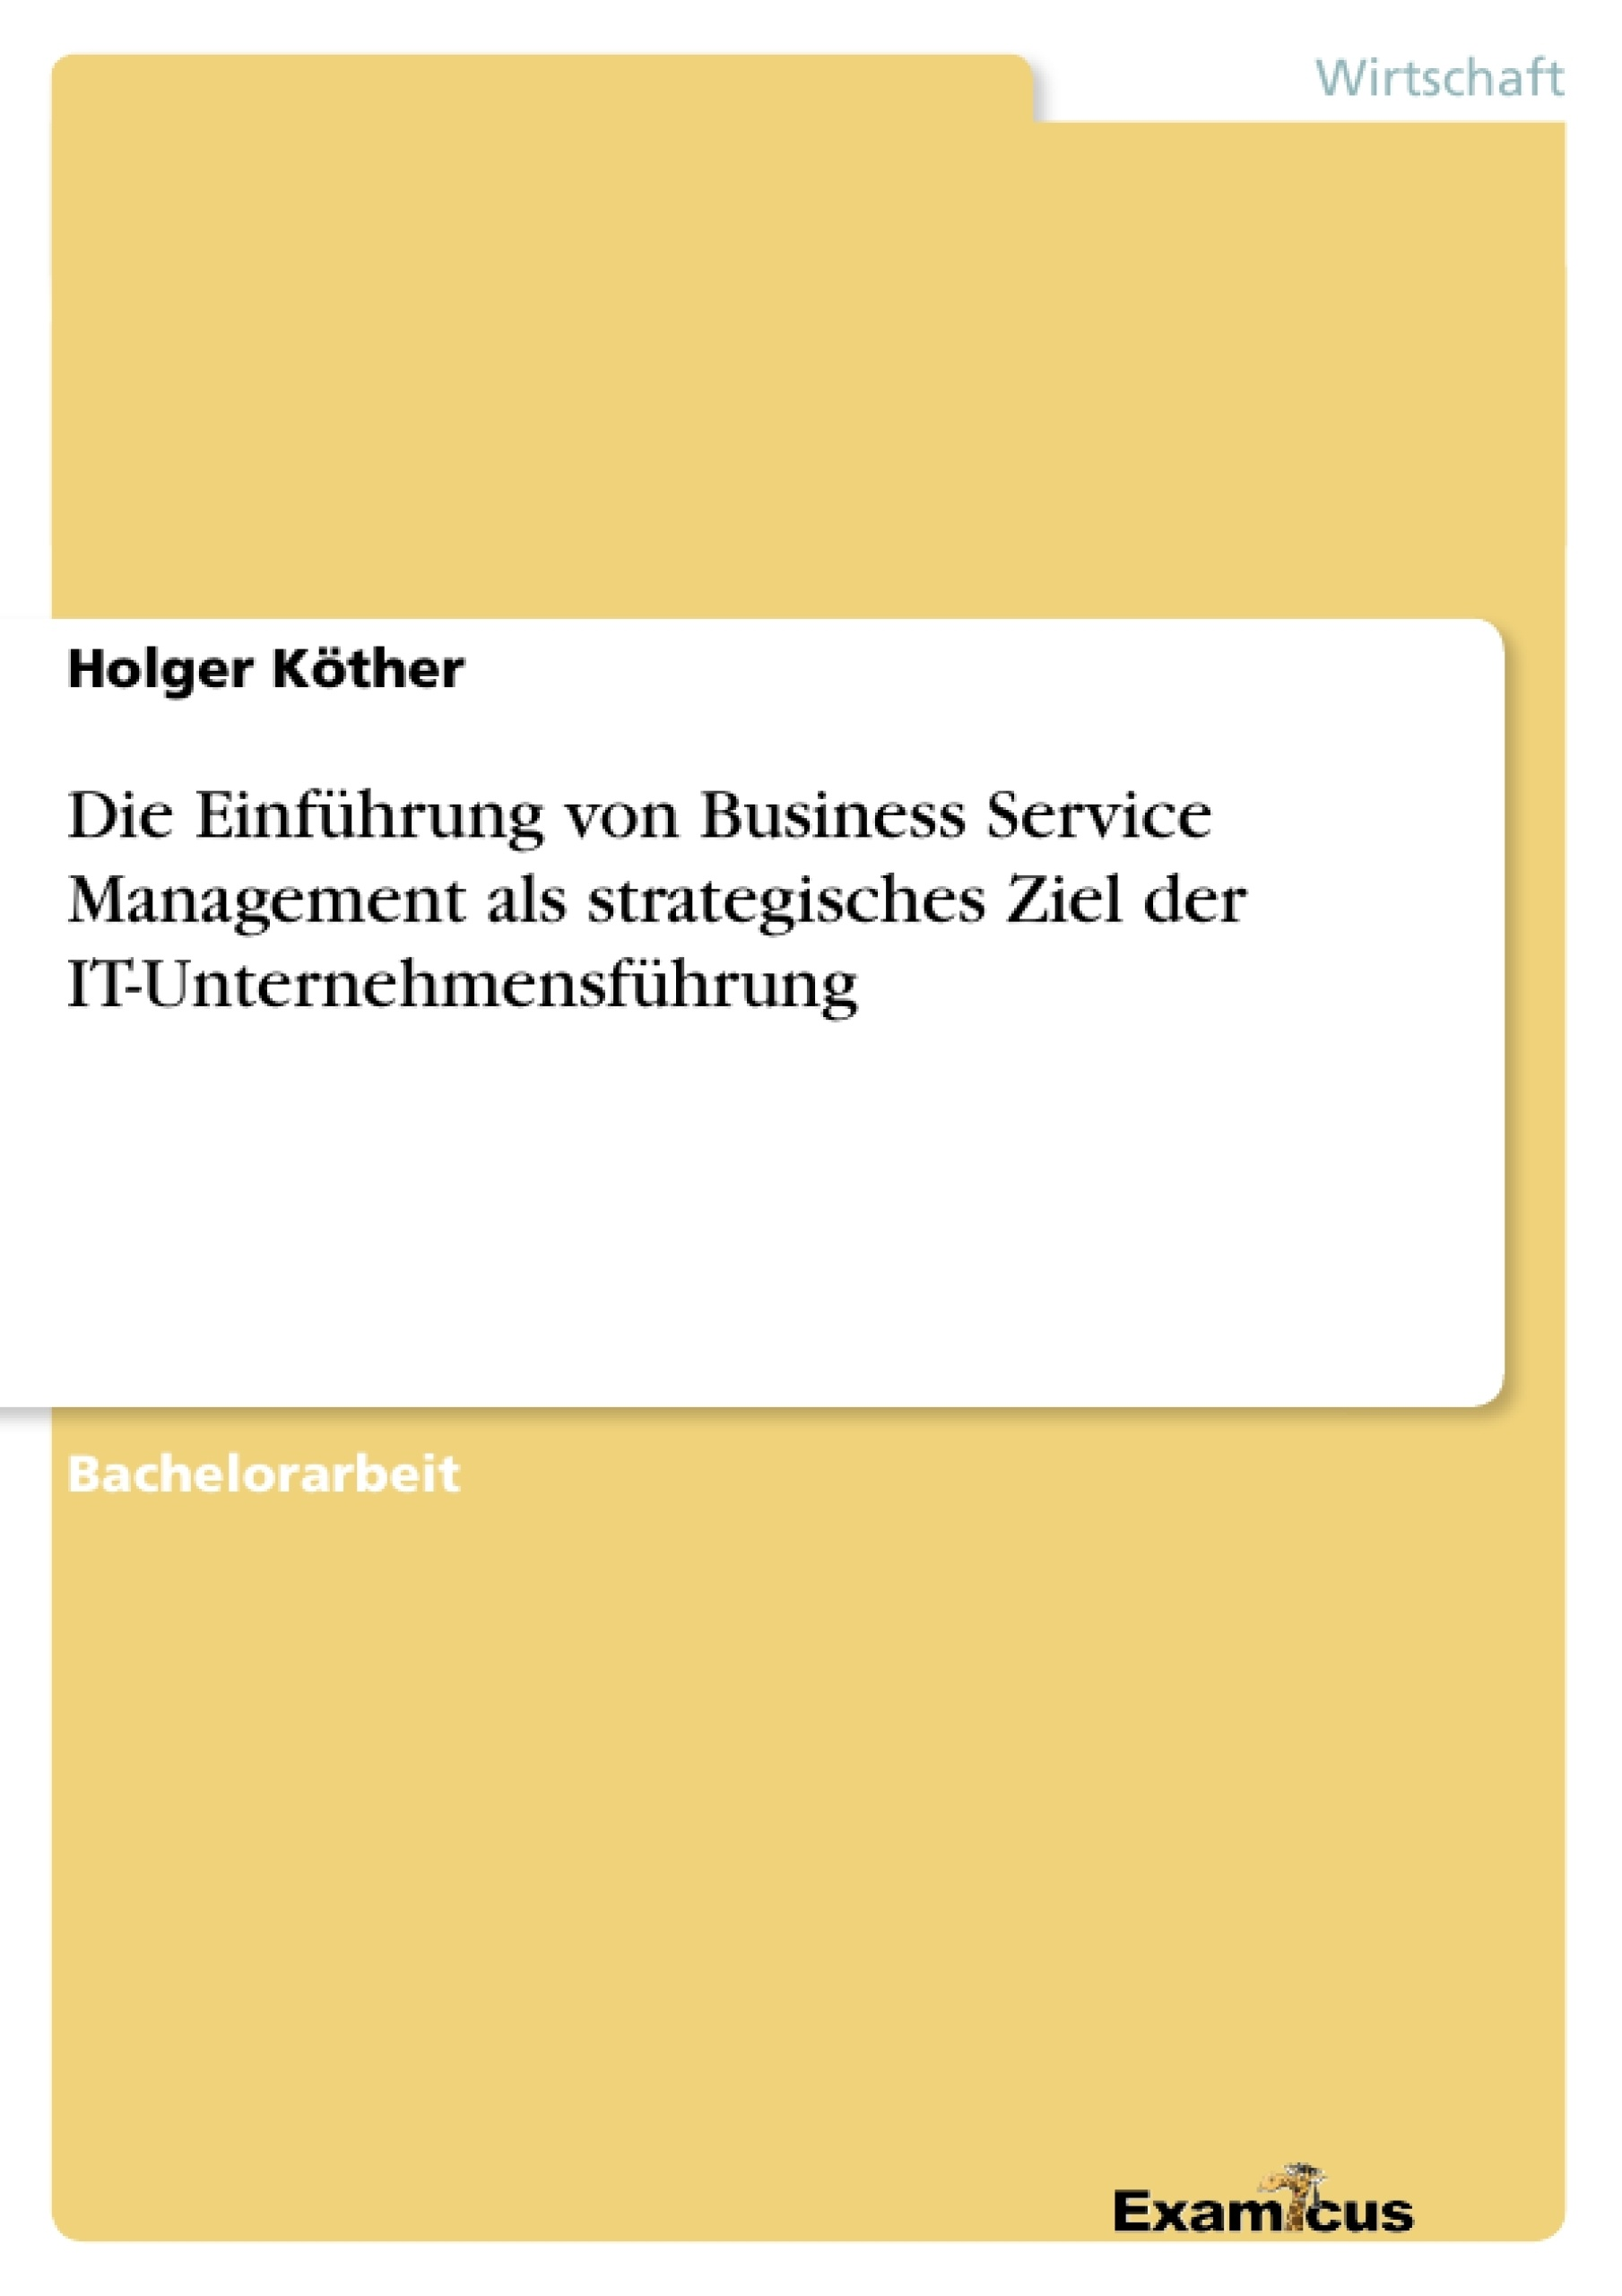 Titel: Die Einführung von Business Service Management als strategisches Ziel der IT-Unternehmensführung